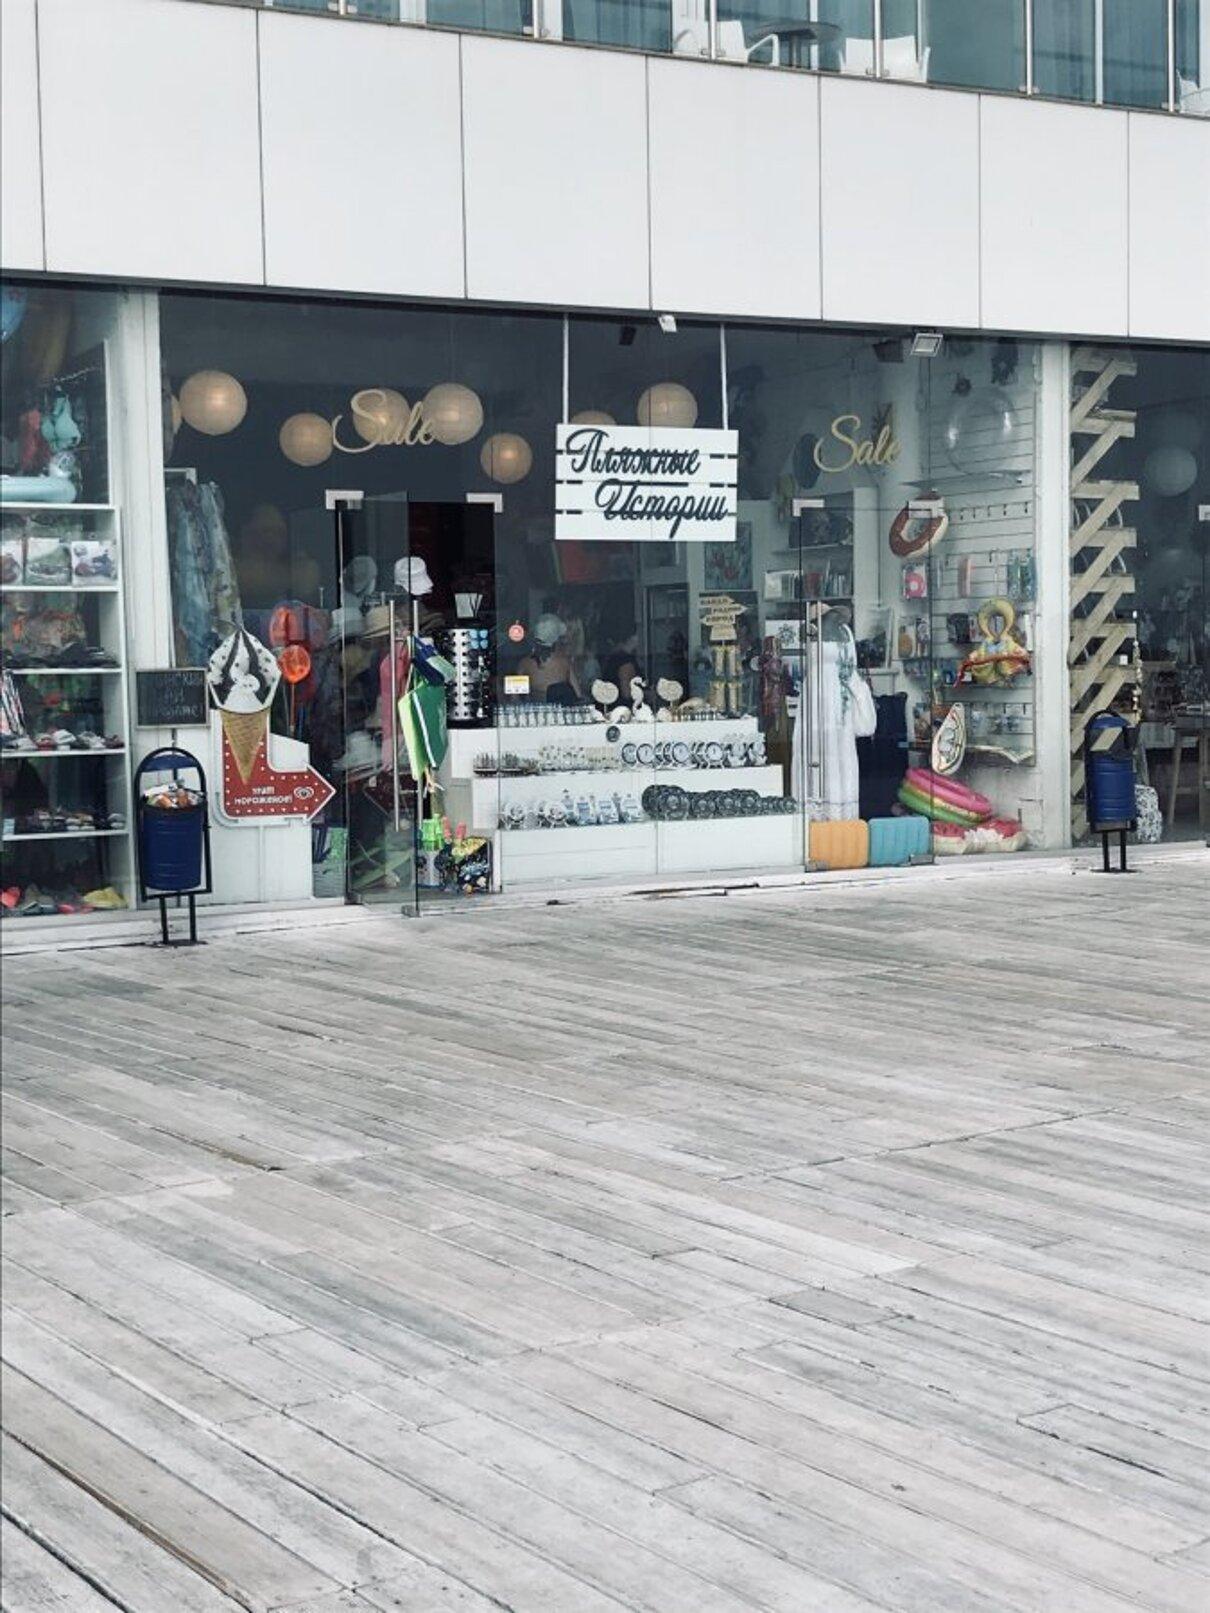 Жалоба-отзыв: Магазин Пляжные истории Сочи - Хамское обращение владельцев магазина.  Фото №1